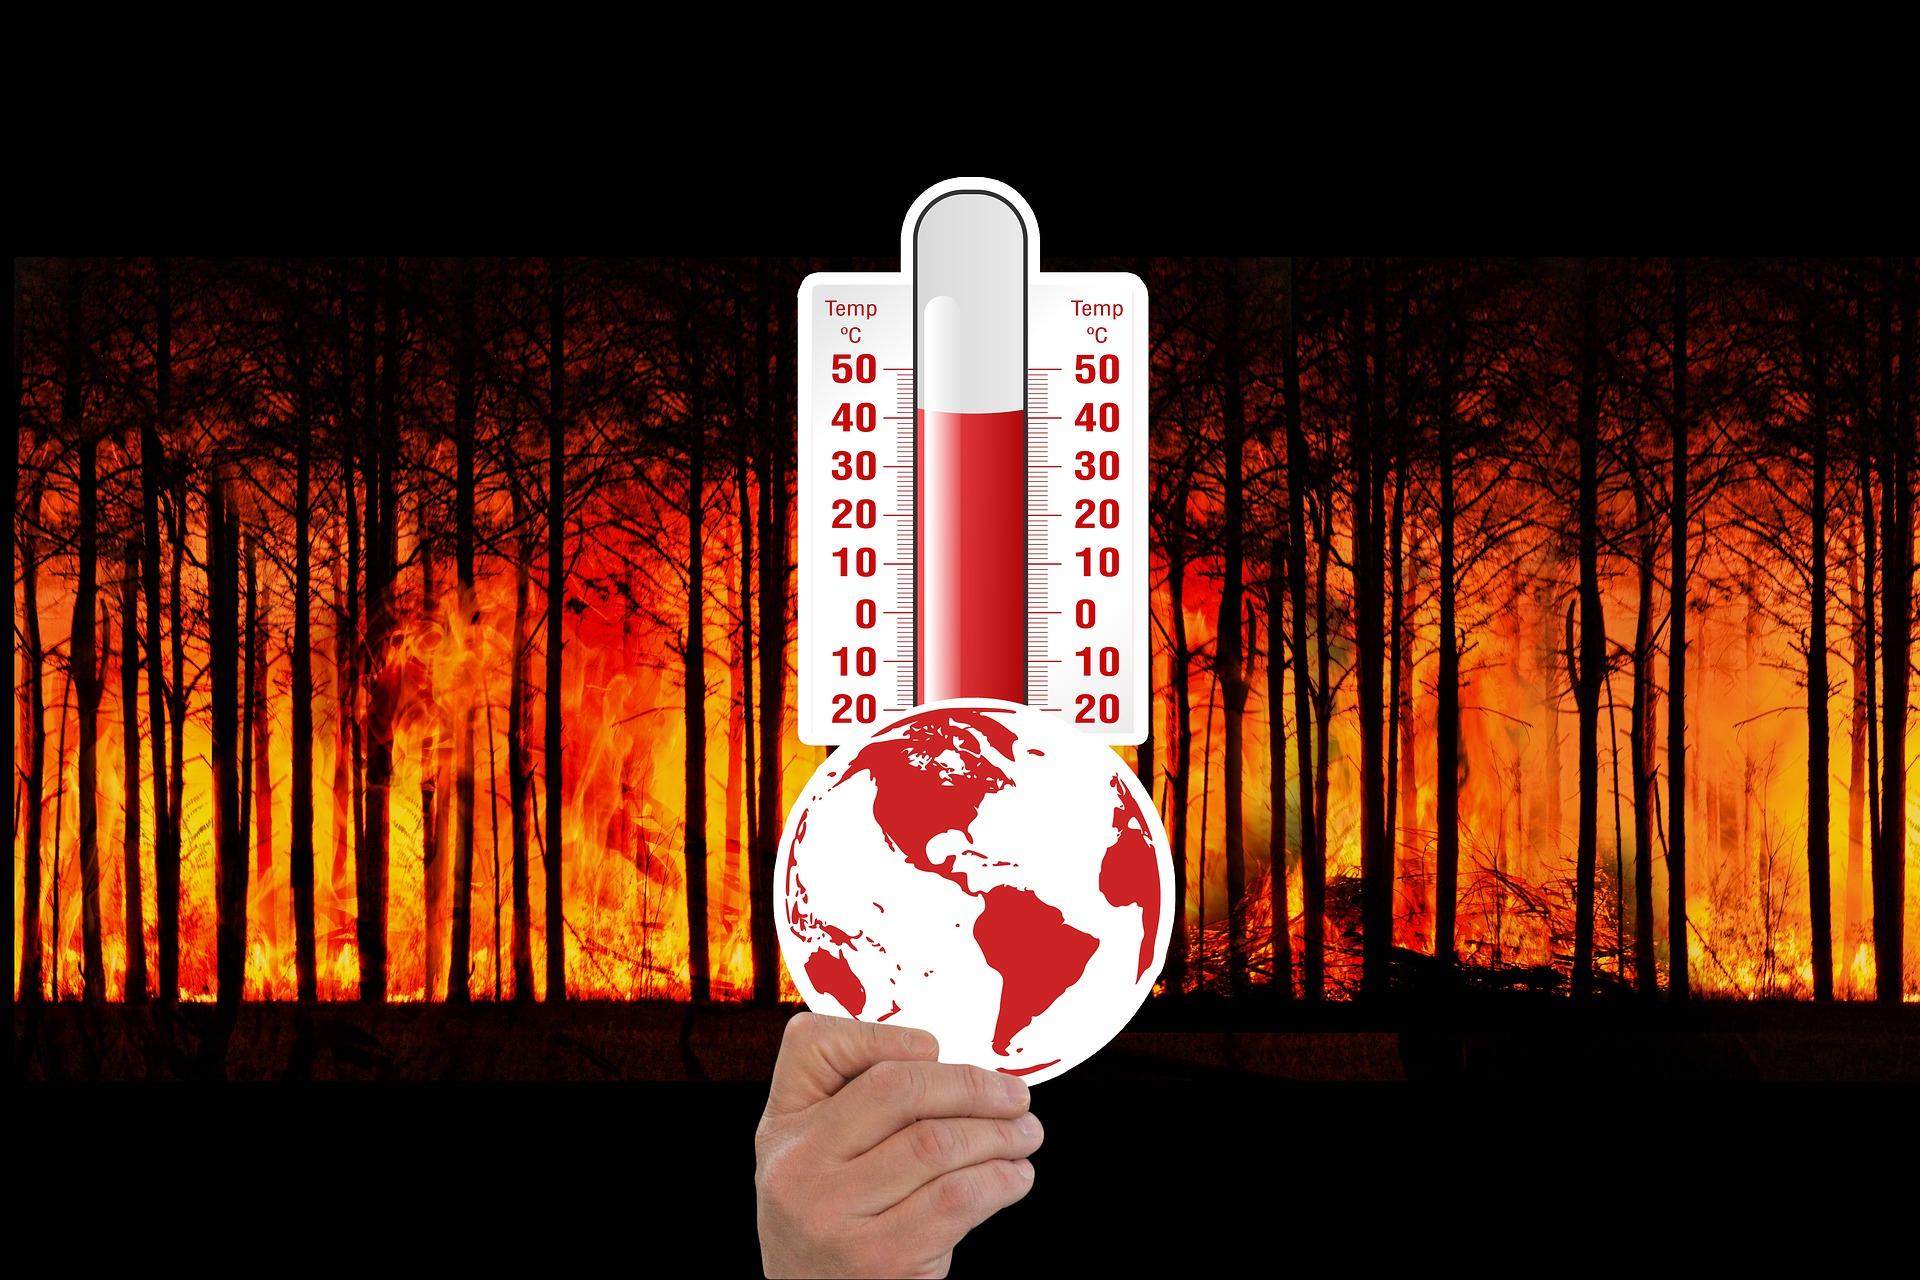 Telecamere termografiche per la rilevazione precoce di incendi